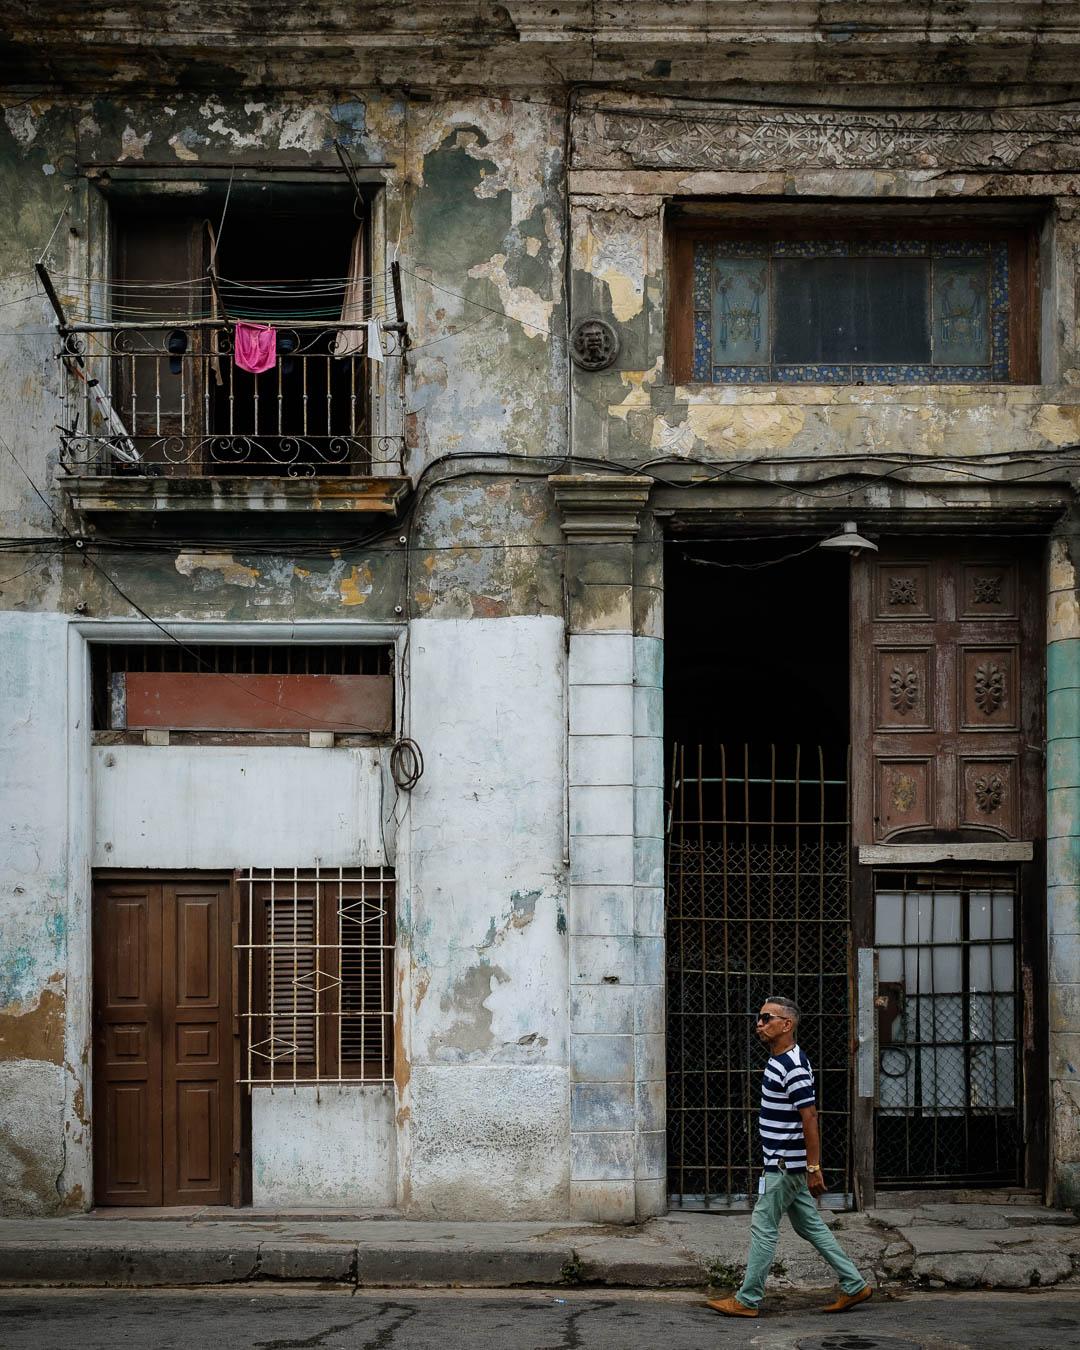 180427-Havana-64-1080.jpg